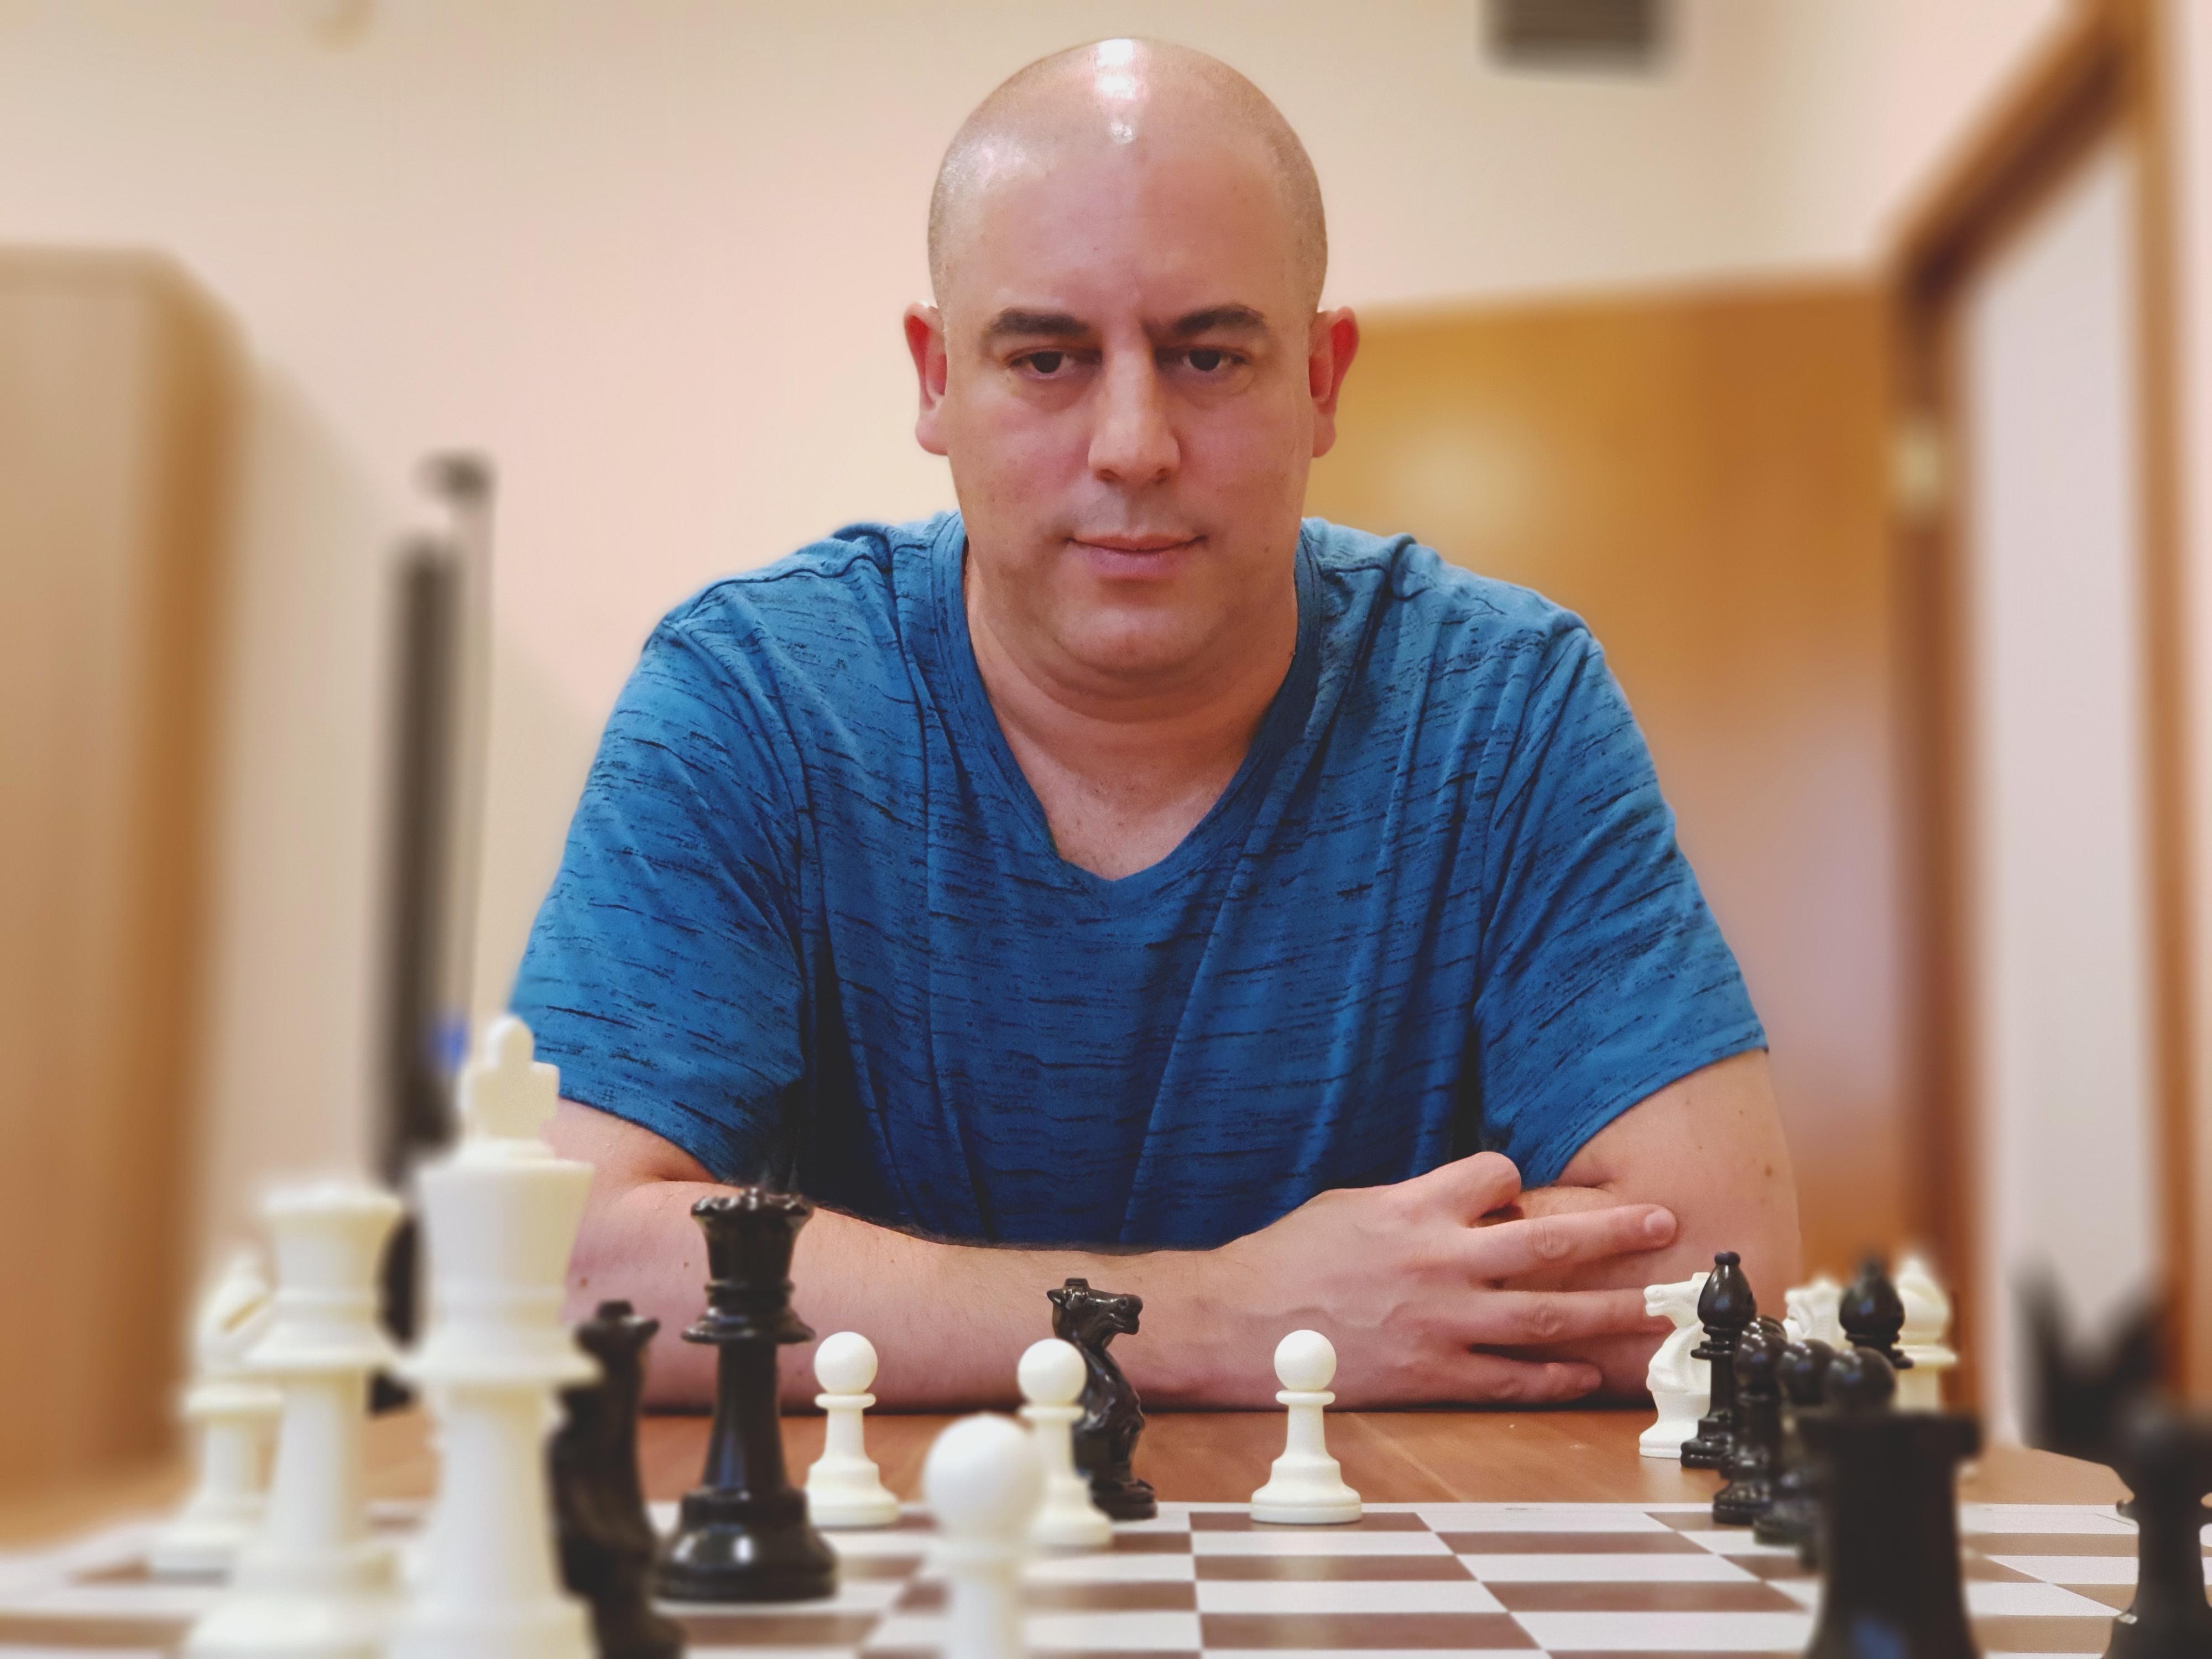 As quinas de Moscovo: O jogador de xadrez que se sentia infeliz em Portugal